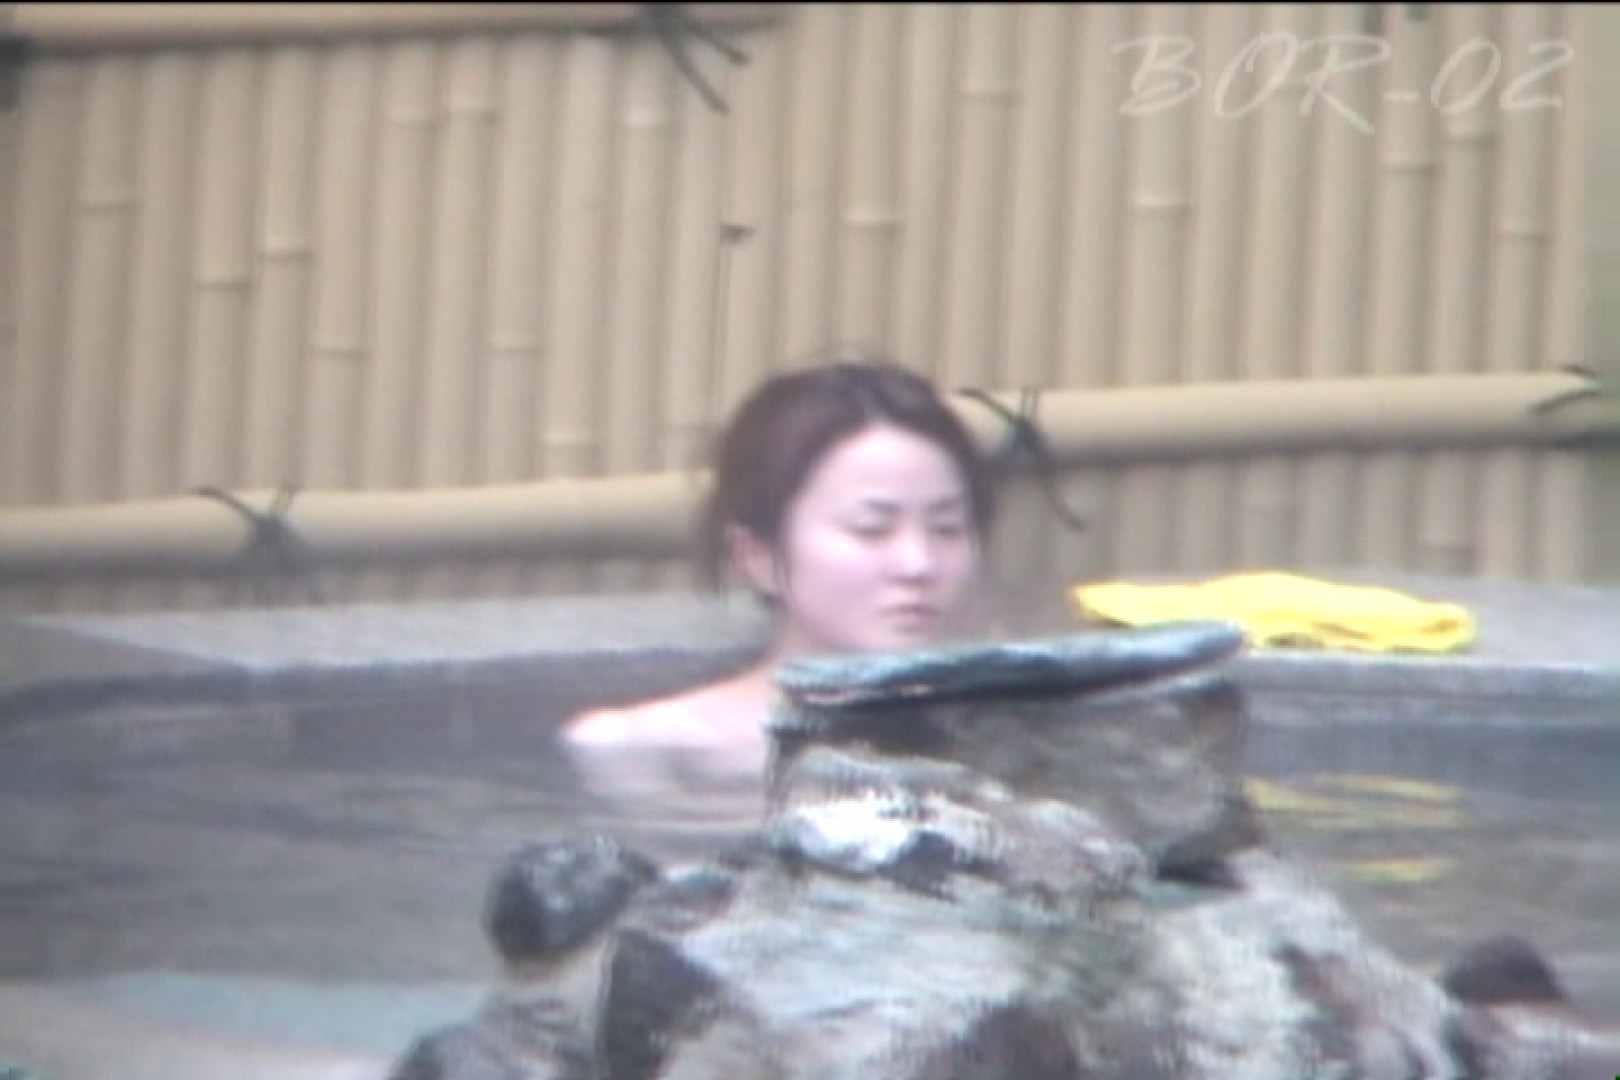 Aquaな露天風呂Vol.474 露天風呂 | 盗撮動画  10枚 3